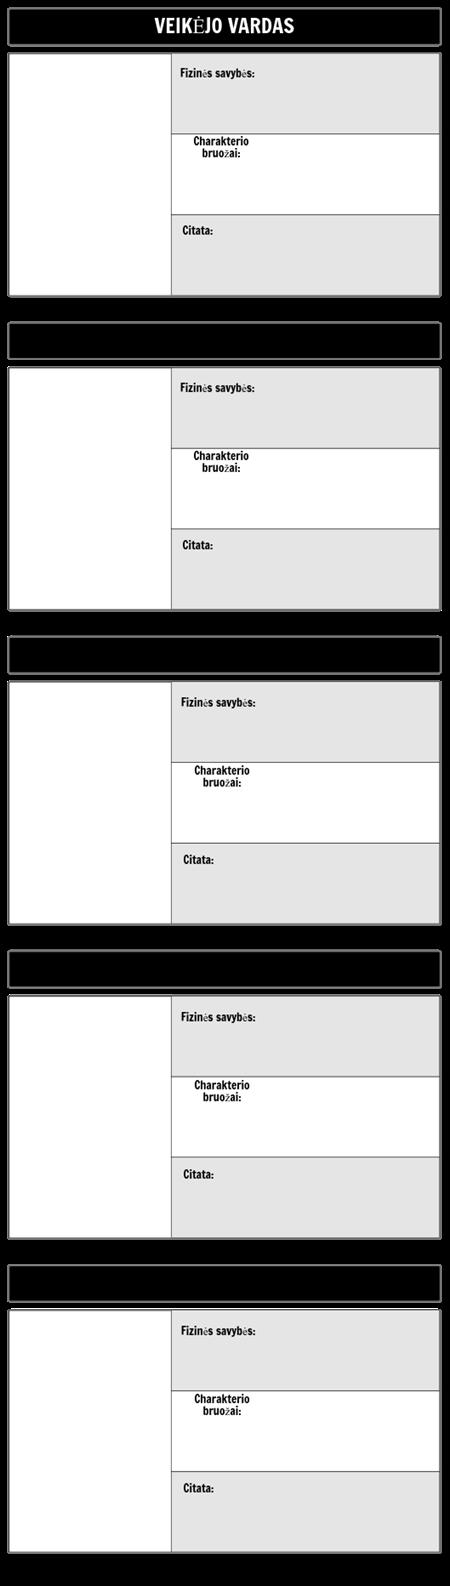 Simbolių žemėlapio šablonas 16x9